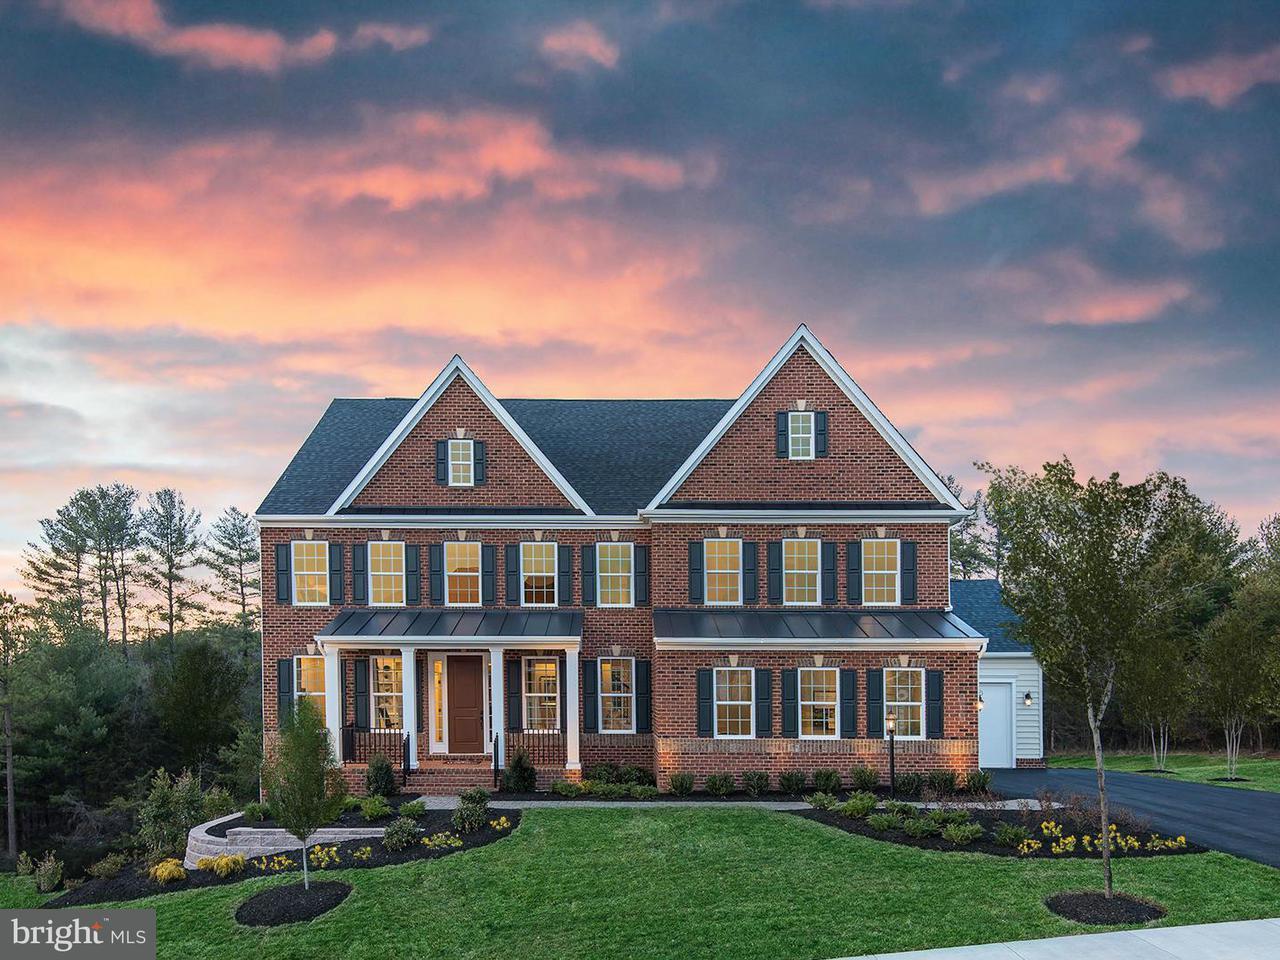 Частный односемейный дом для того Продажа на 3094 DESMOND Place 3094 DESMOND Place Ijamsville, Мэриленд 21754 Соединенные Штаты